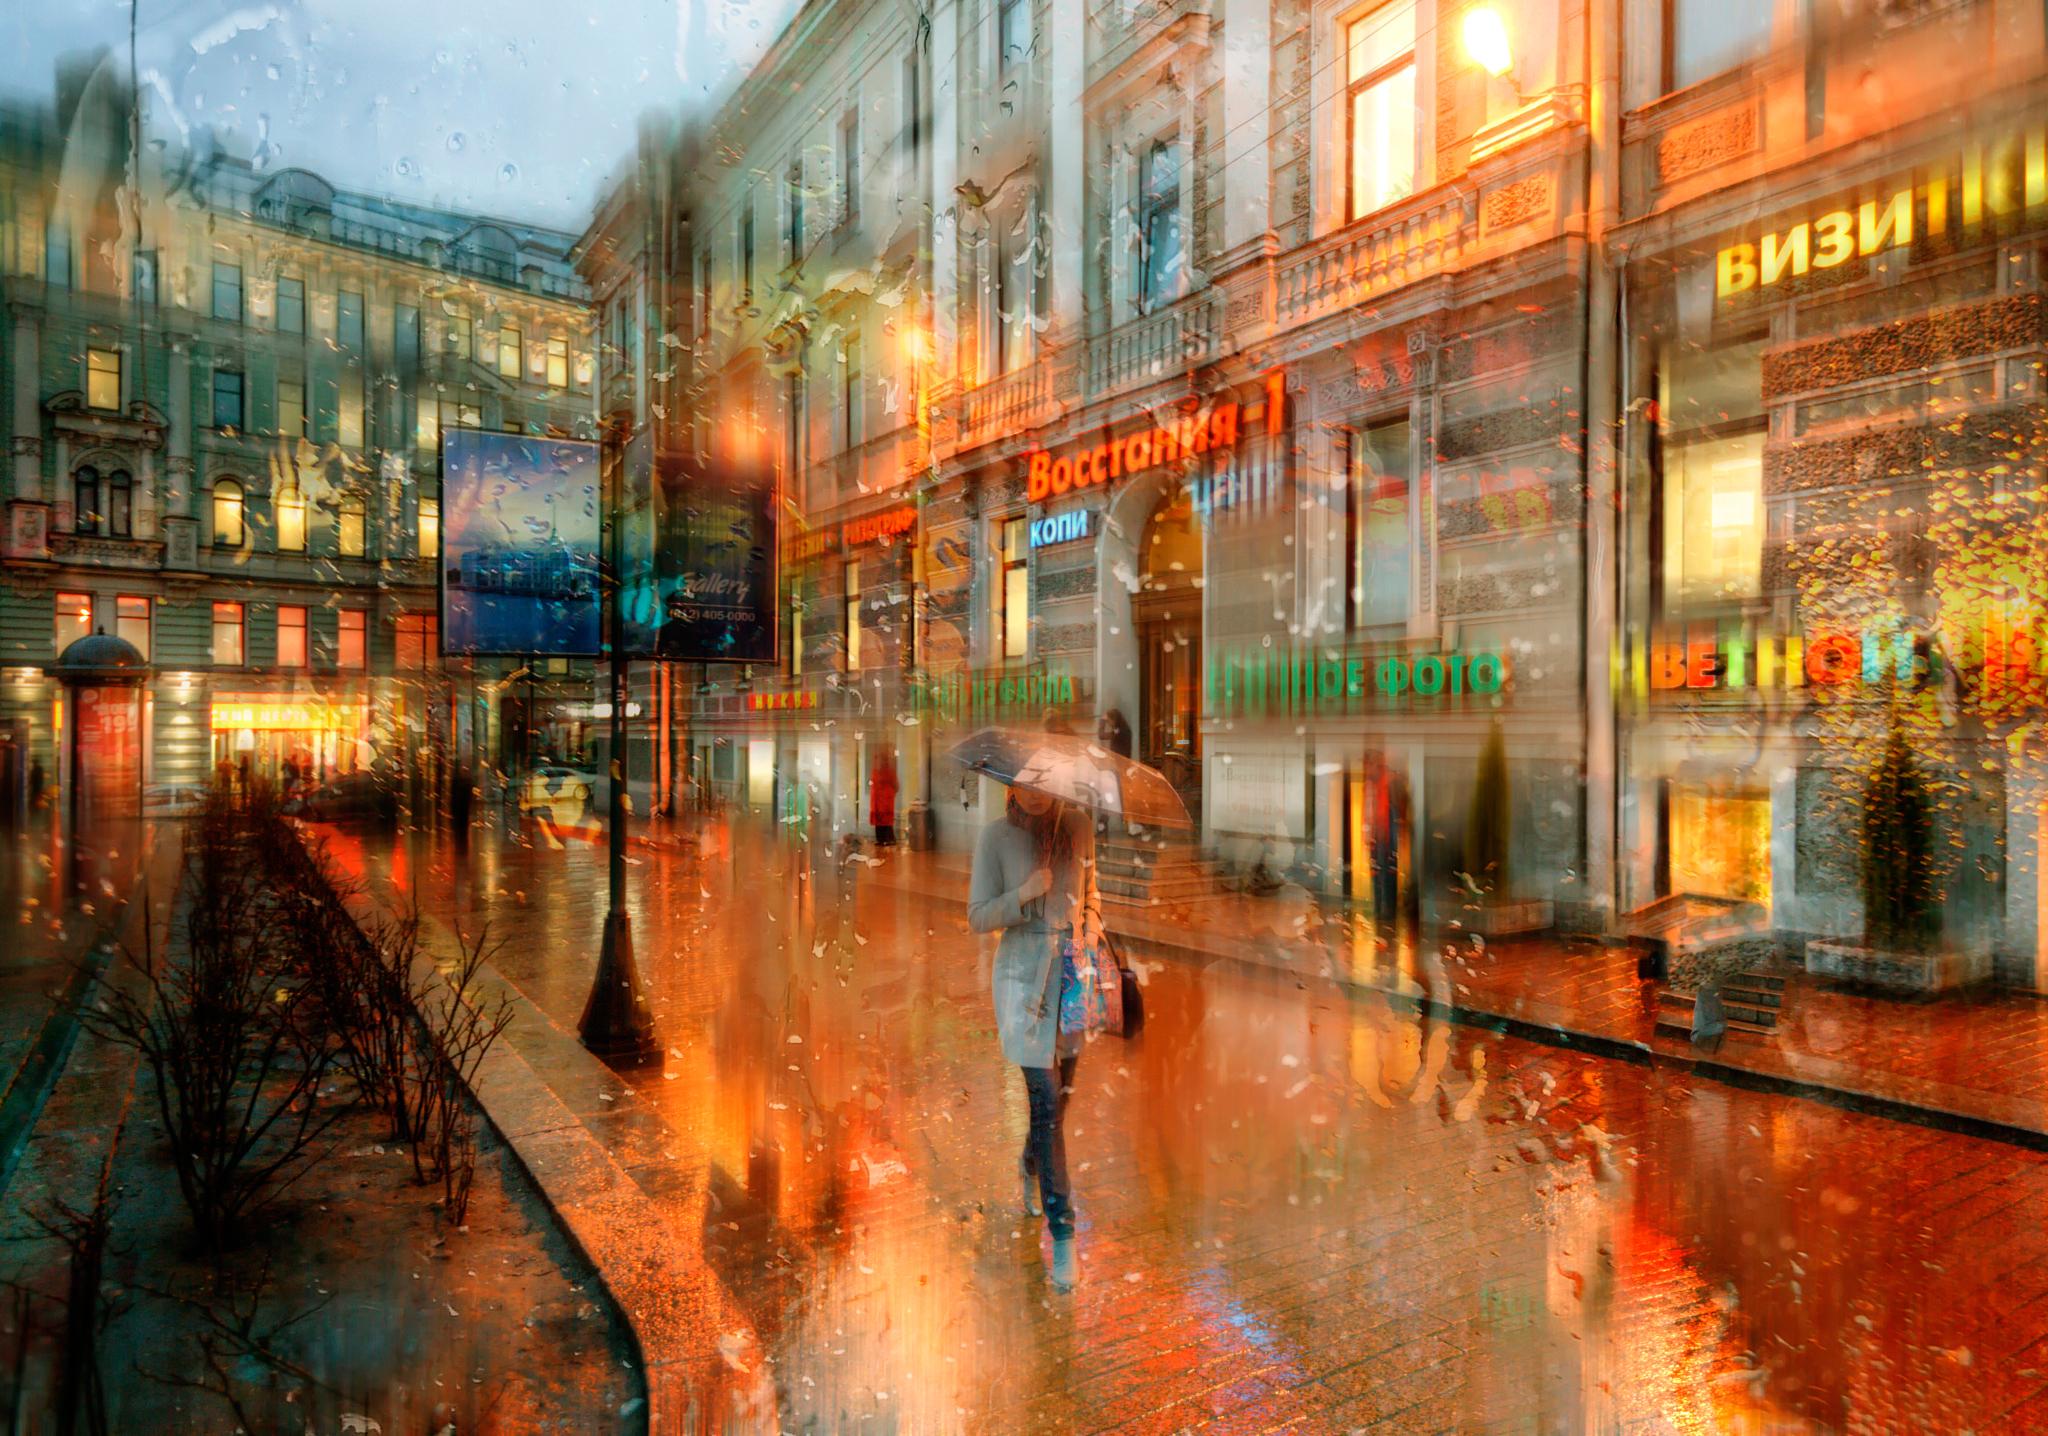 дождь питер обои для рабочего стола № 452372 бесплатно